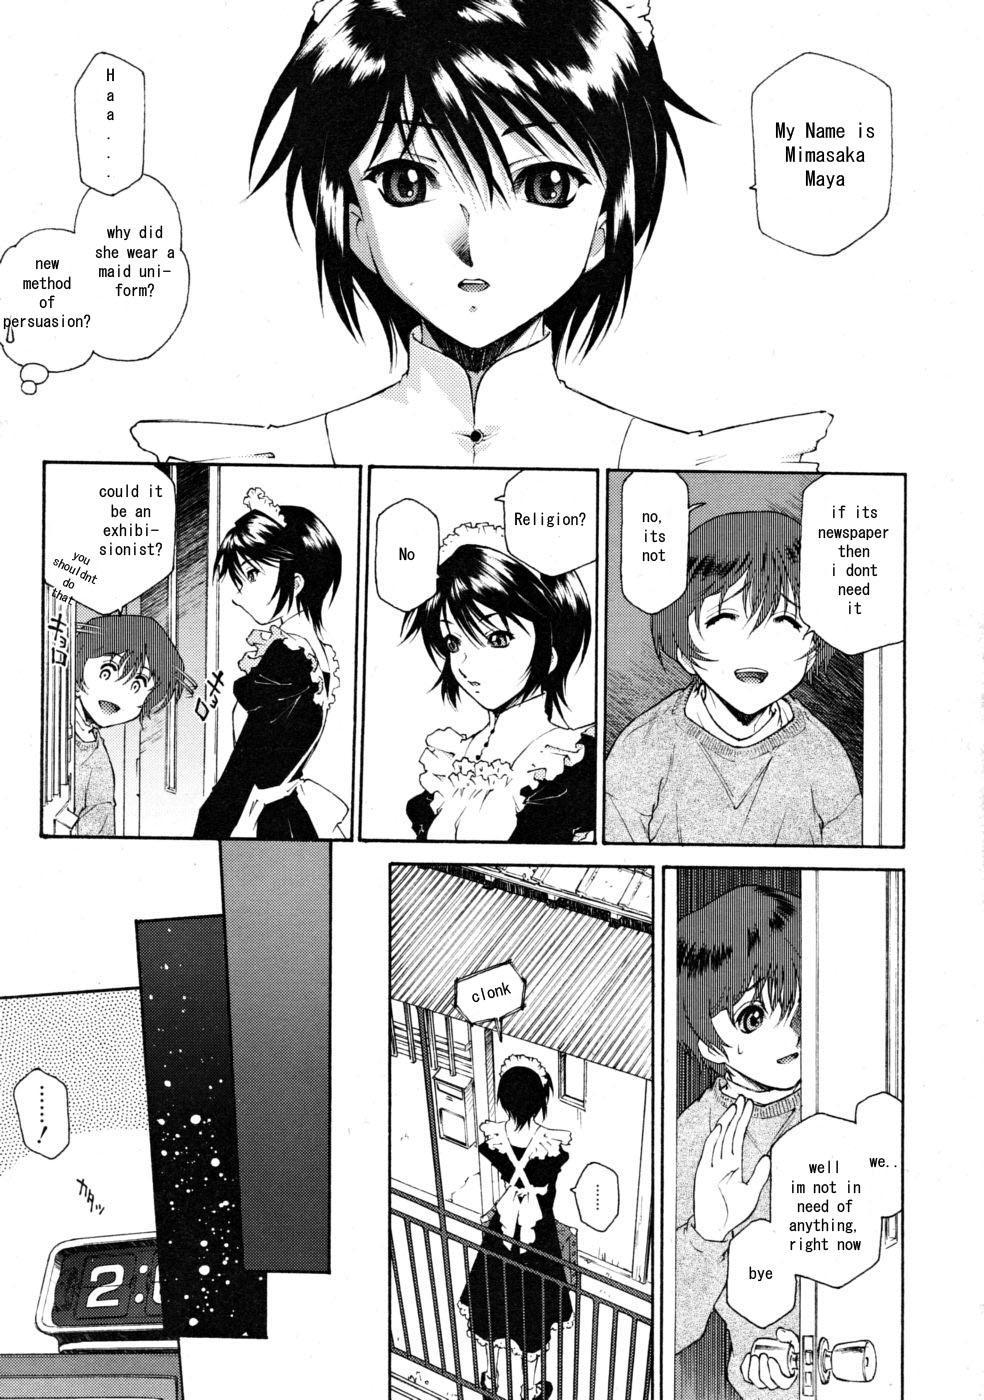 Umashika - FFF Chapter 01 2